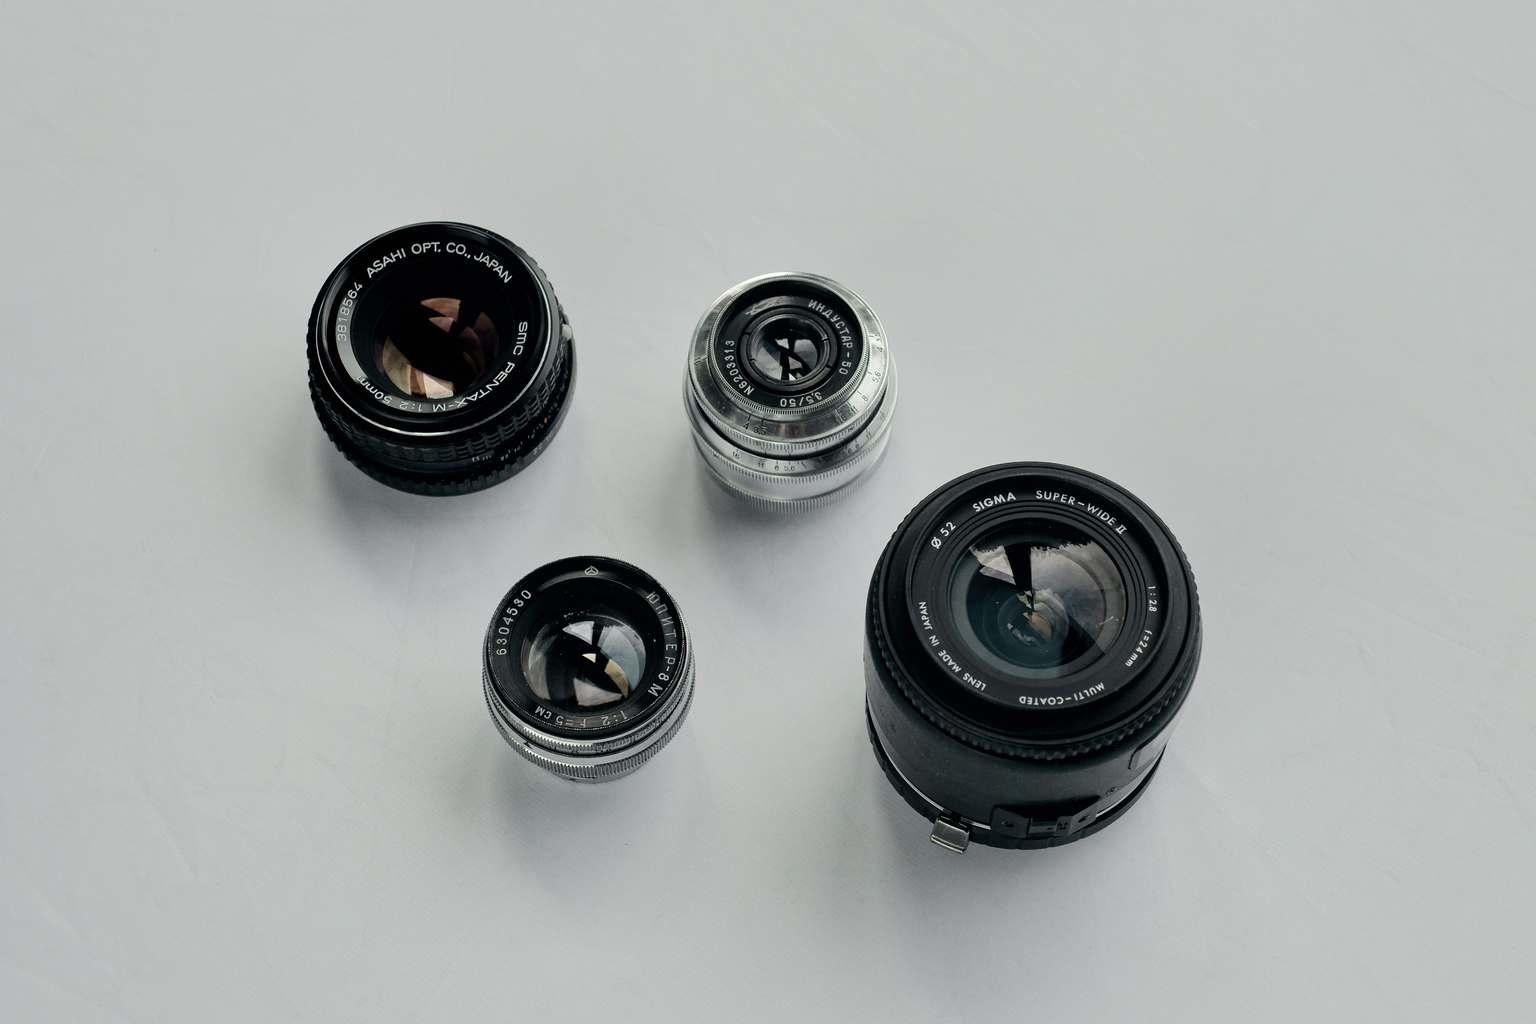 Objetivos de cámaras